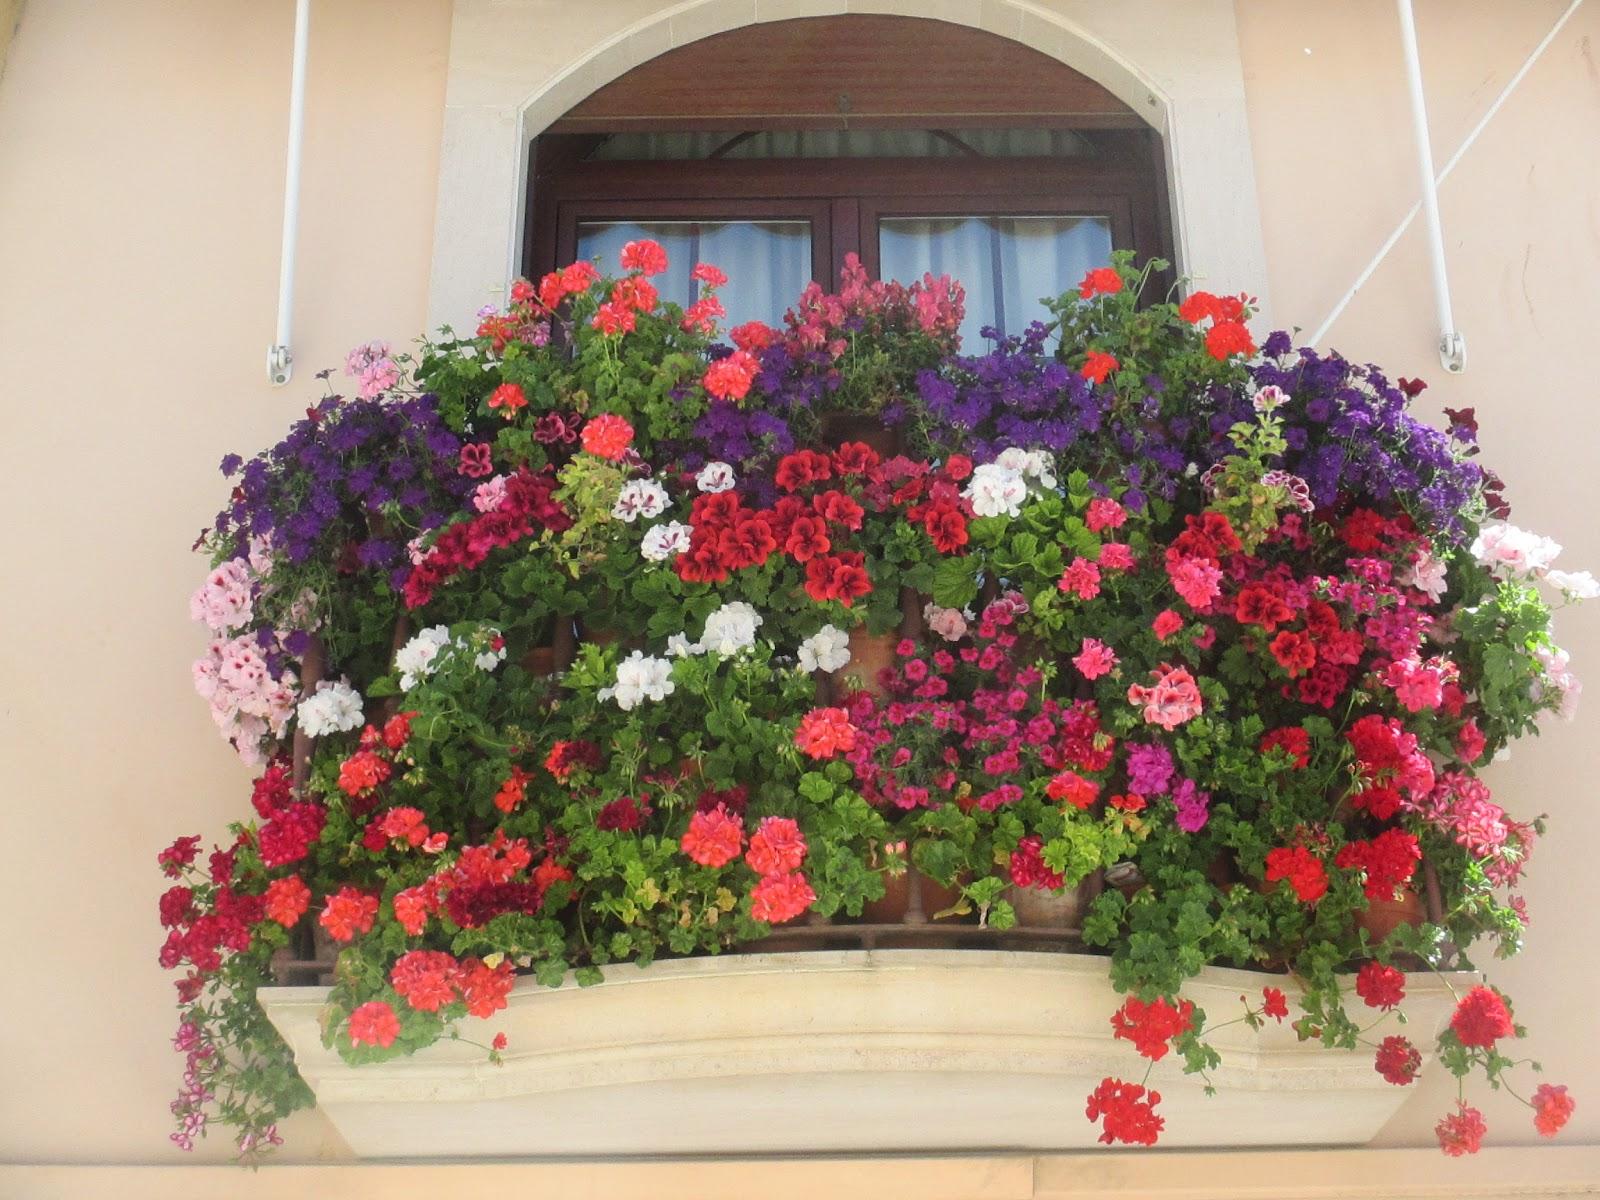 Basket Fernan Nunez Informacion Rejas Balcones Flores Fernan - Fotos-de-balcones-con-flores